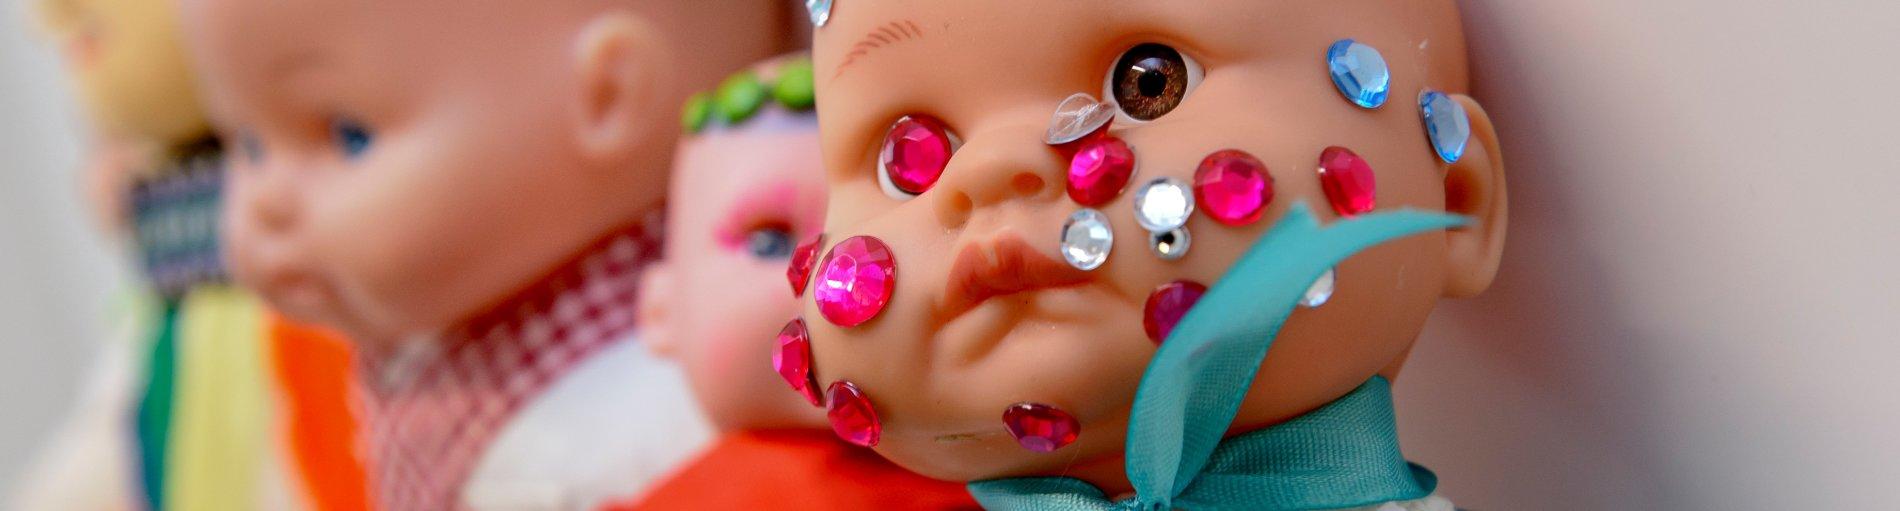 Layli - lass meine Puppe tanzen im Dezember-Programm der Weserburg.